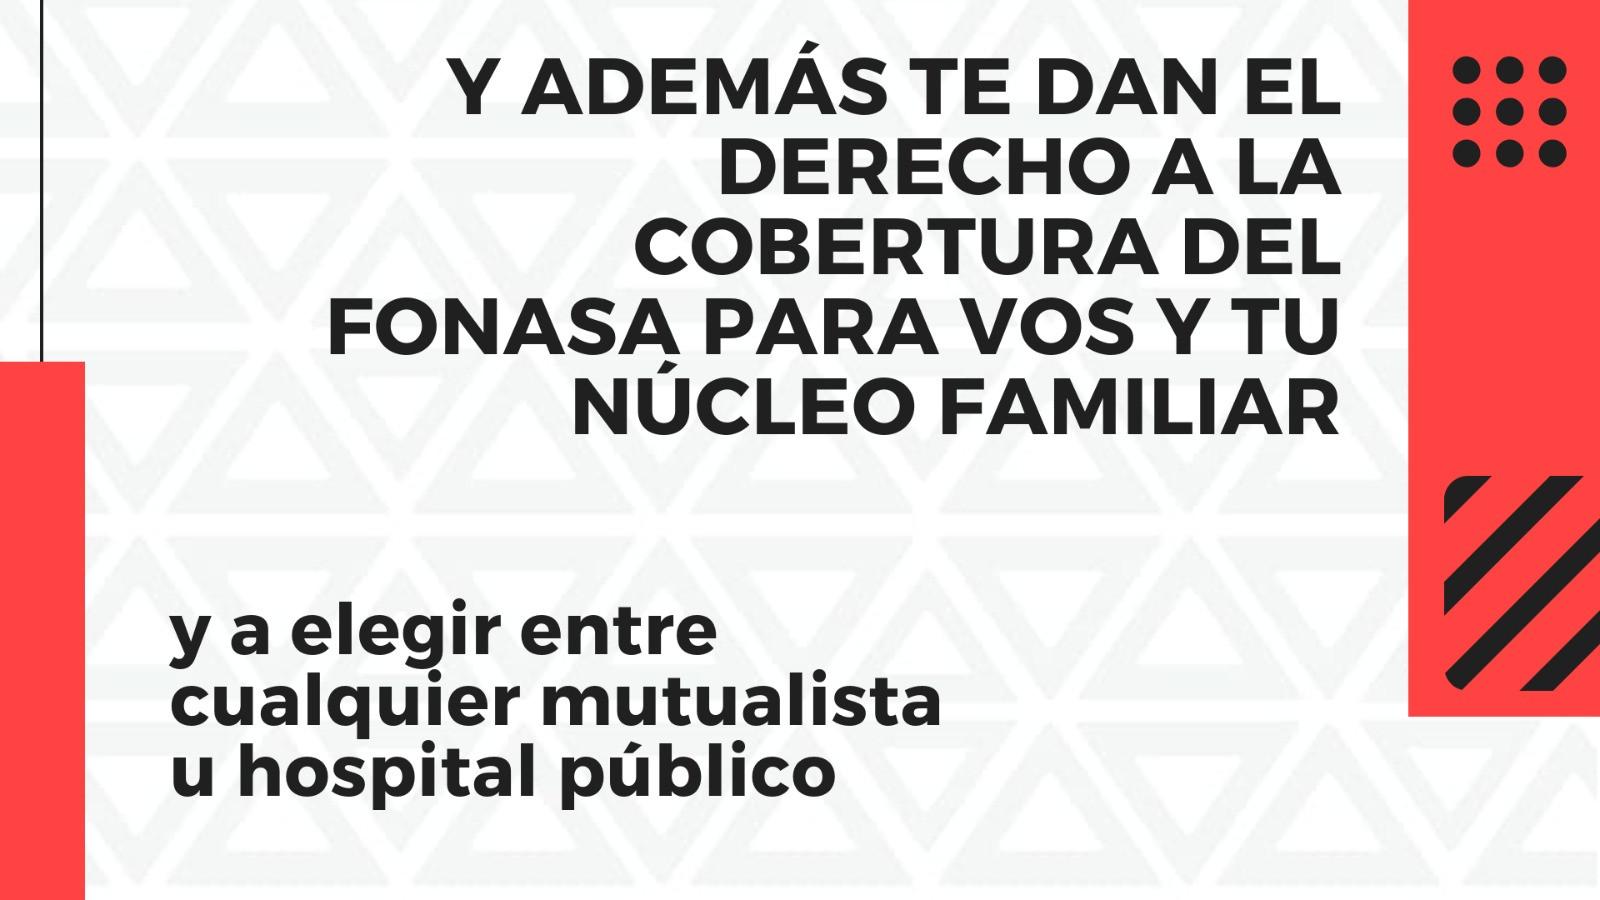 Cobertura FONASA familiar